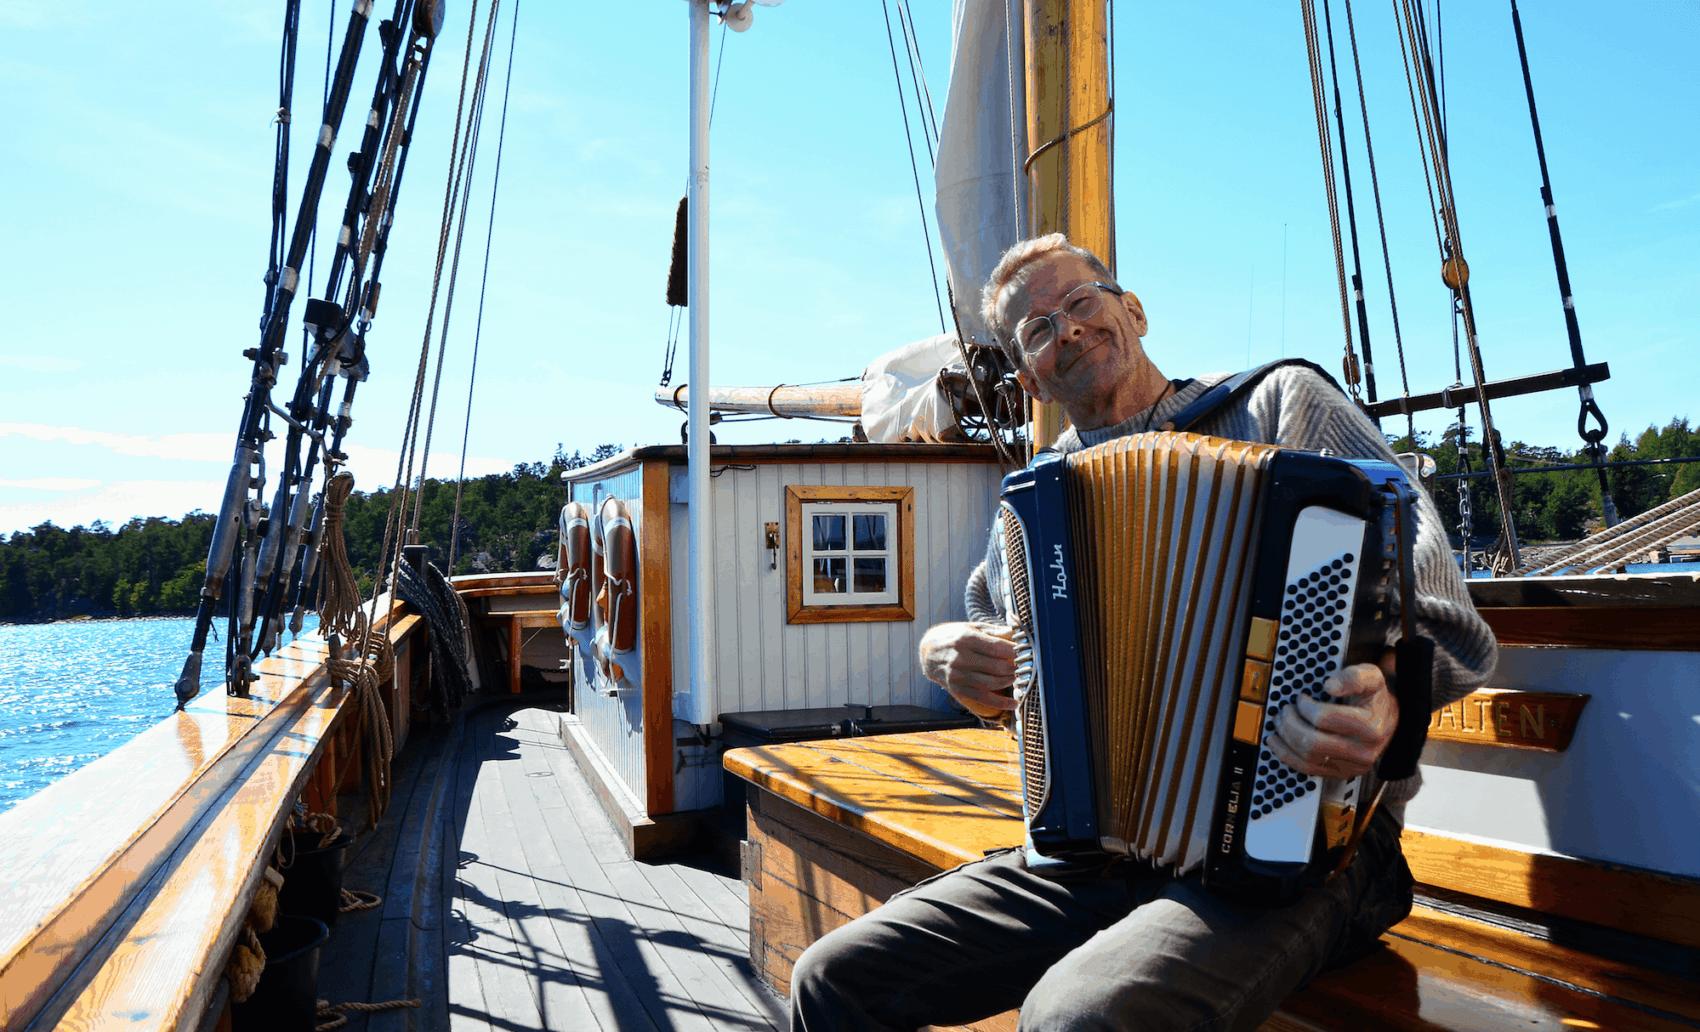 Musiker auf einem Boot in Finnland